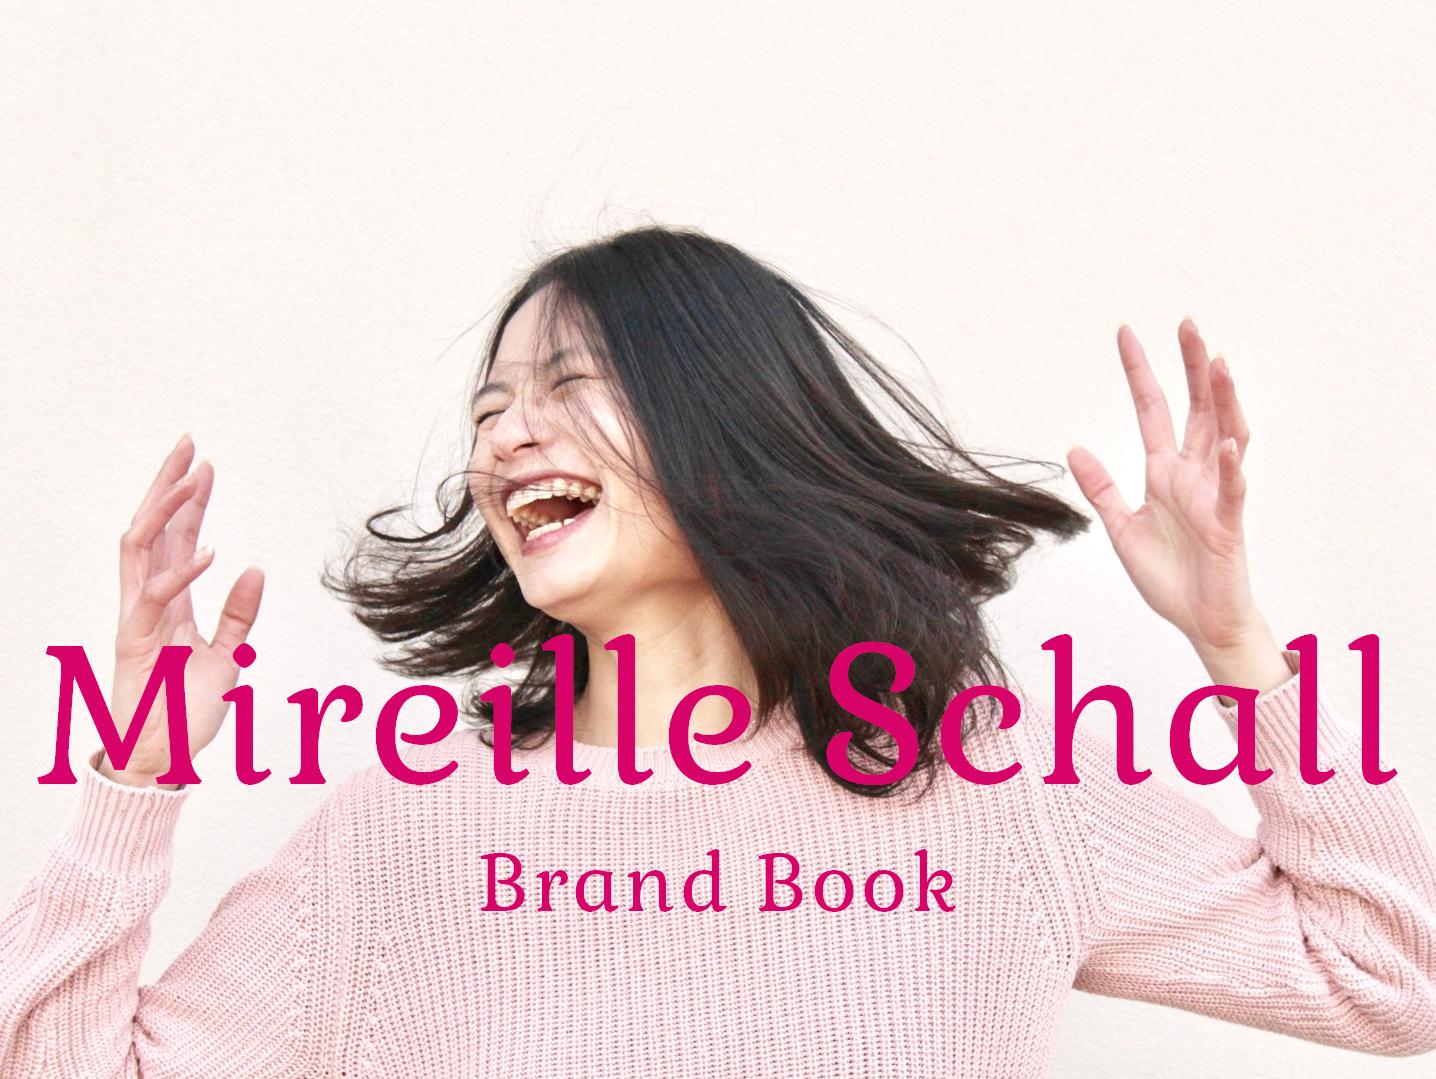 Mireille S. Markenbuch